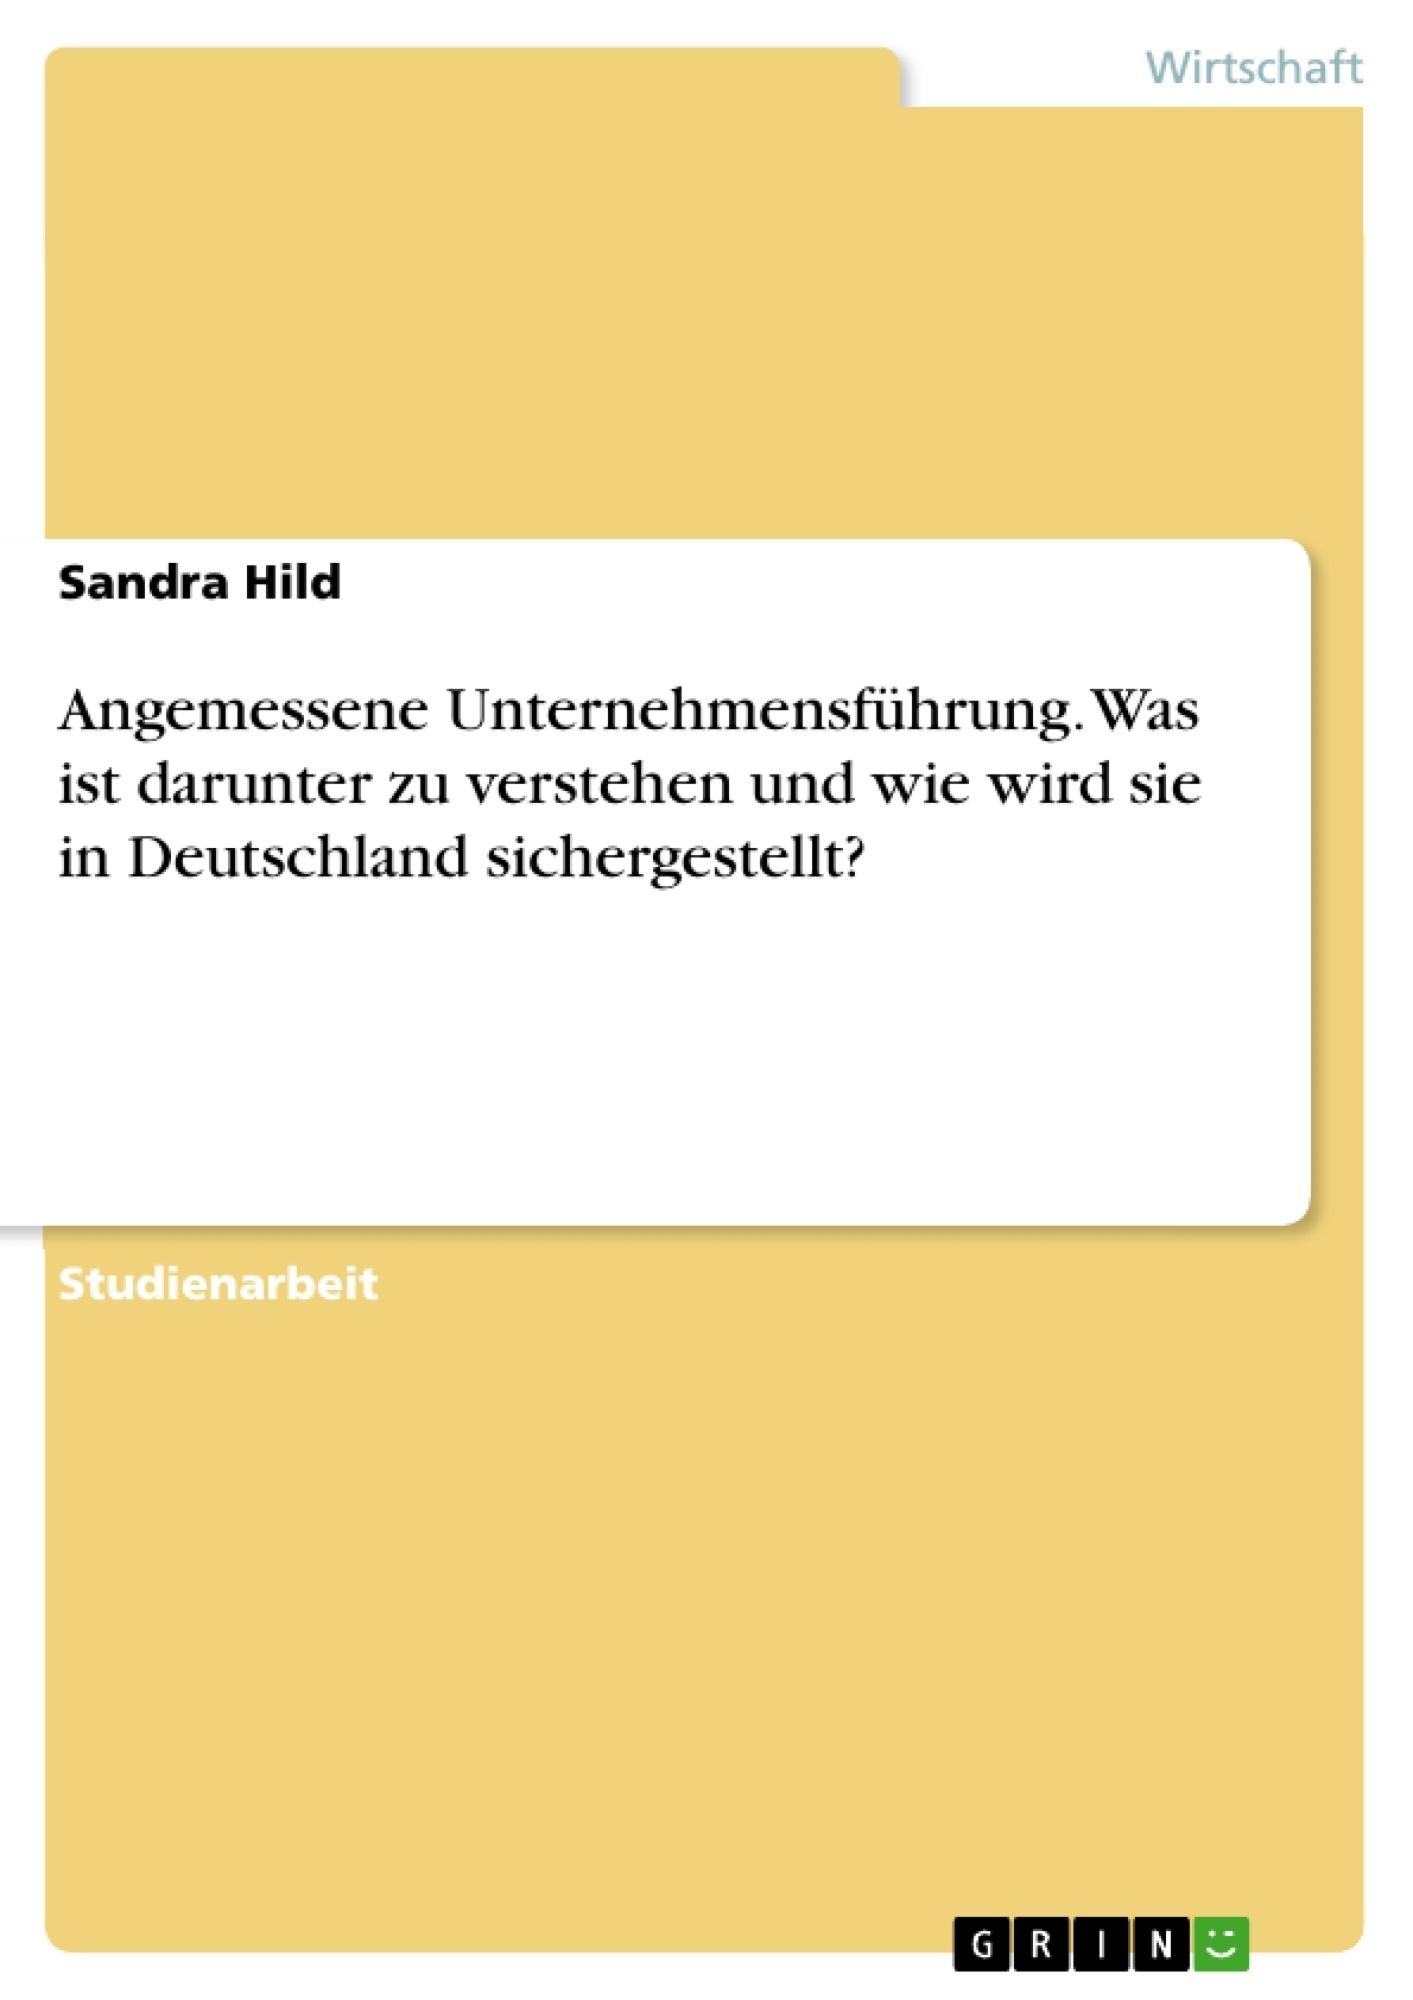 Titel: Angemessene Unternehmensführung. Was ist darunter zu verstehen und wie wird sie in Deutschland sichergestellt?